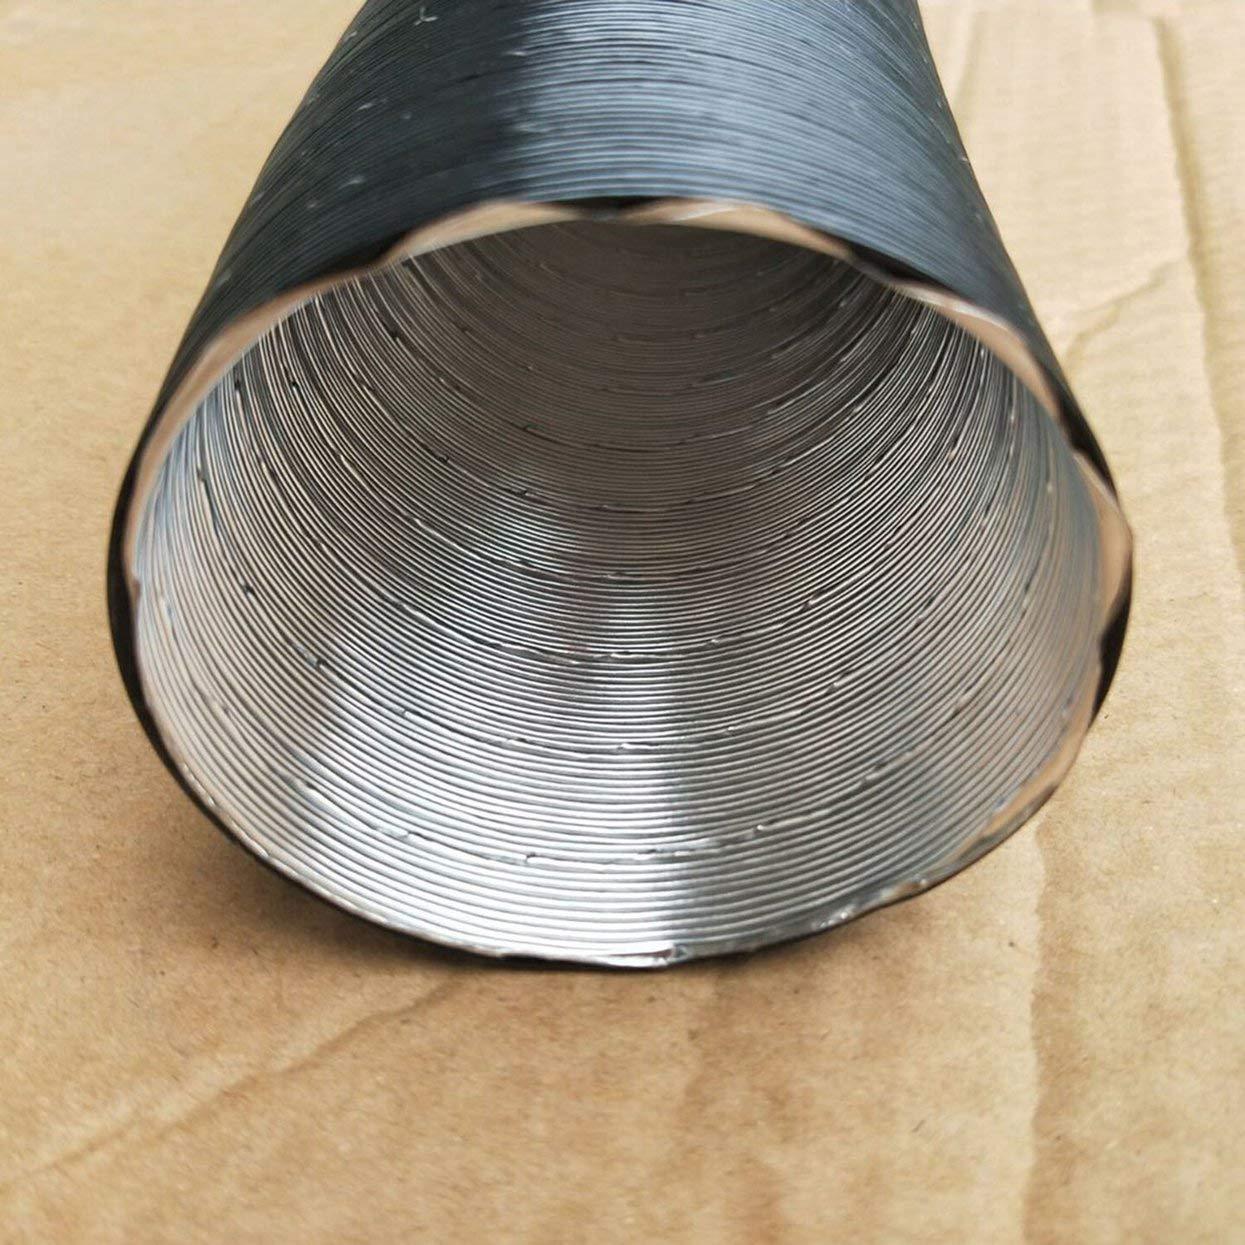 Conducto del calentador de aire del coche profesional 60 mm de di/ámetro de la manguera de desag/üe del tubo del conducto para el carro del coche calentador de accesorios de autom/óviles